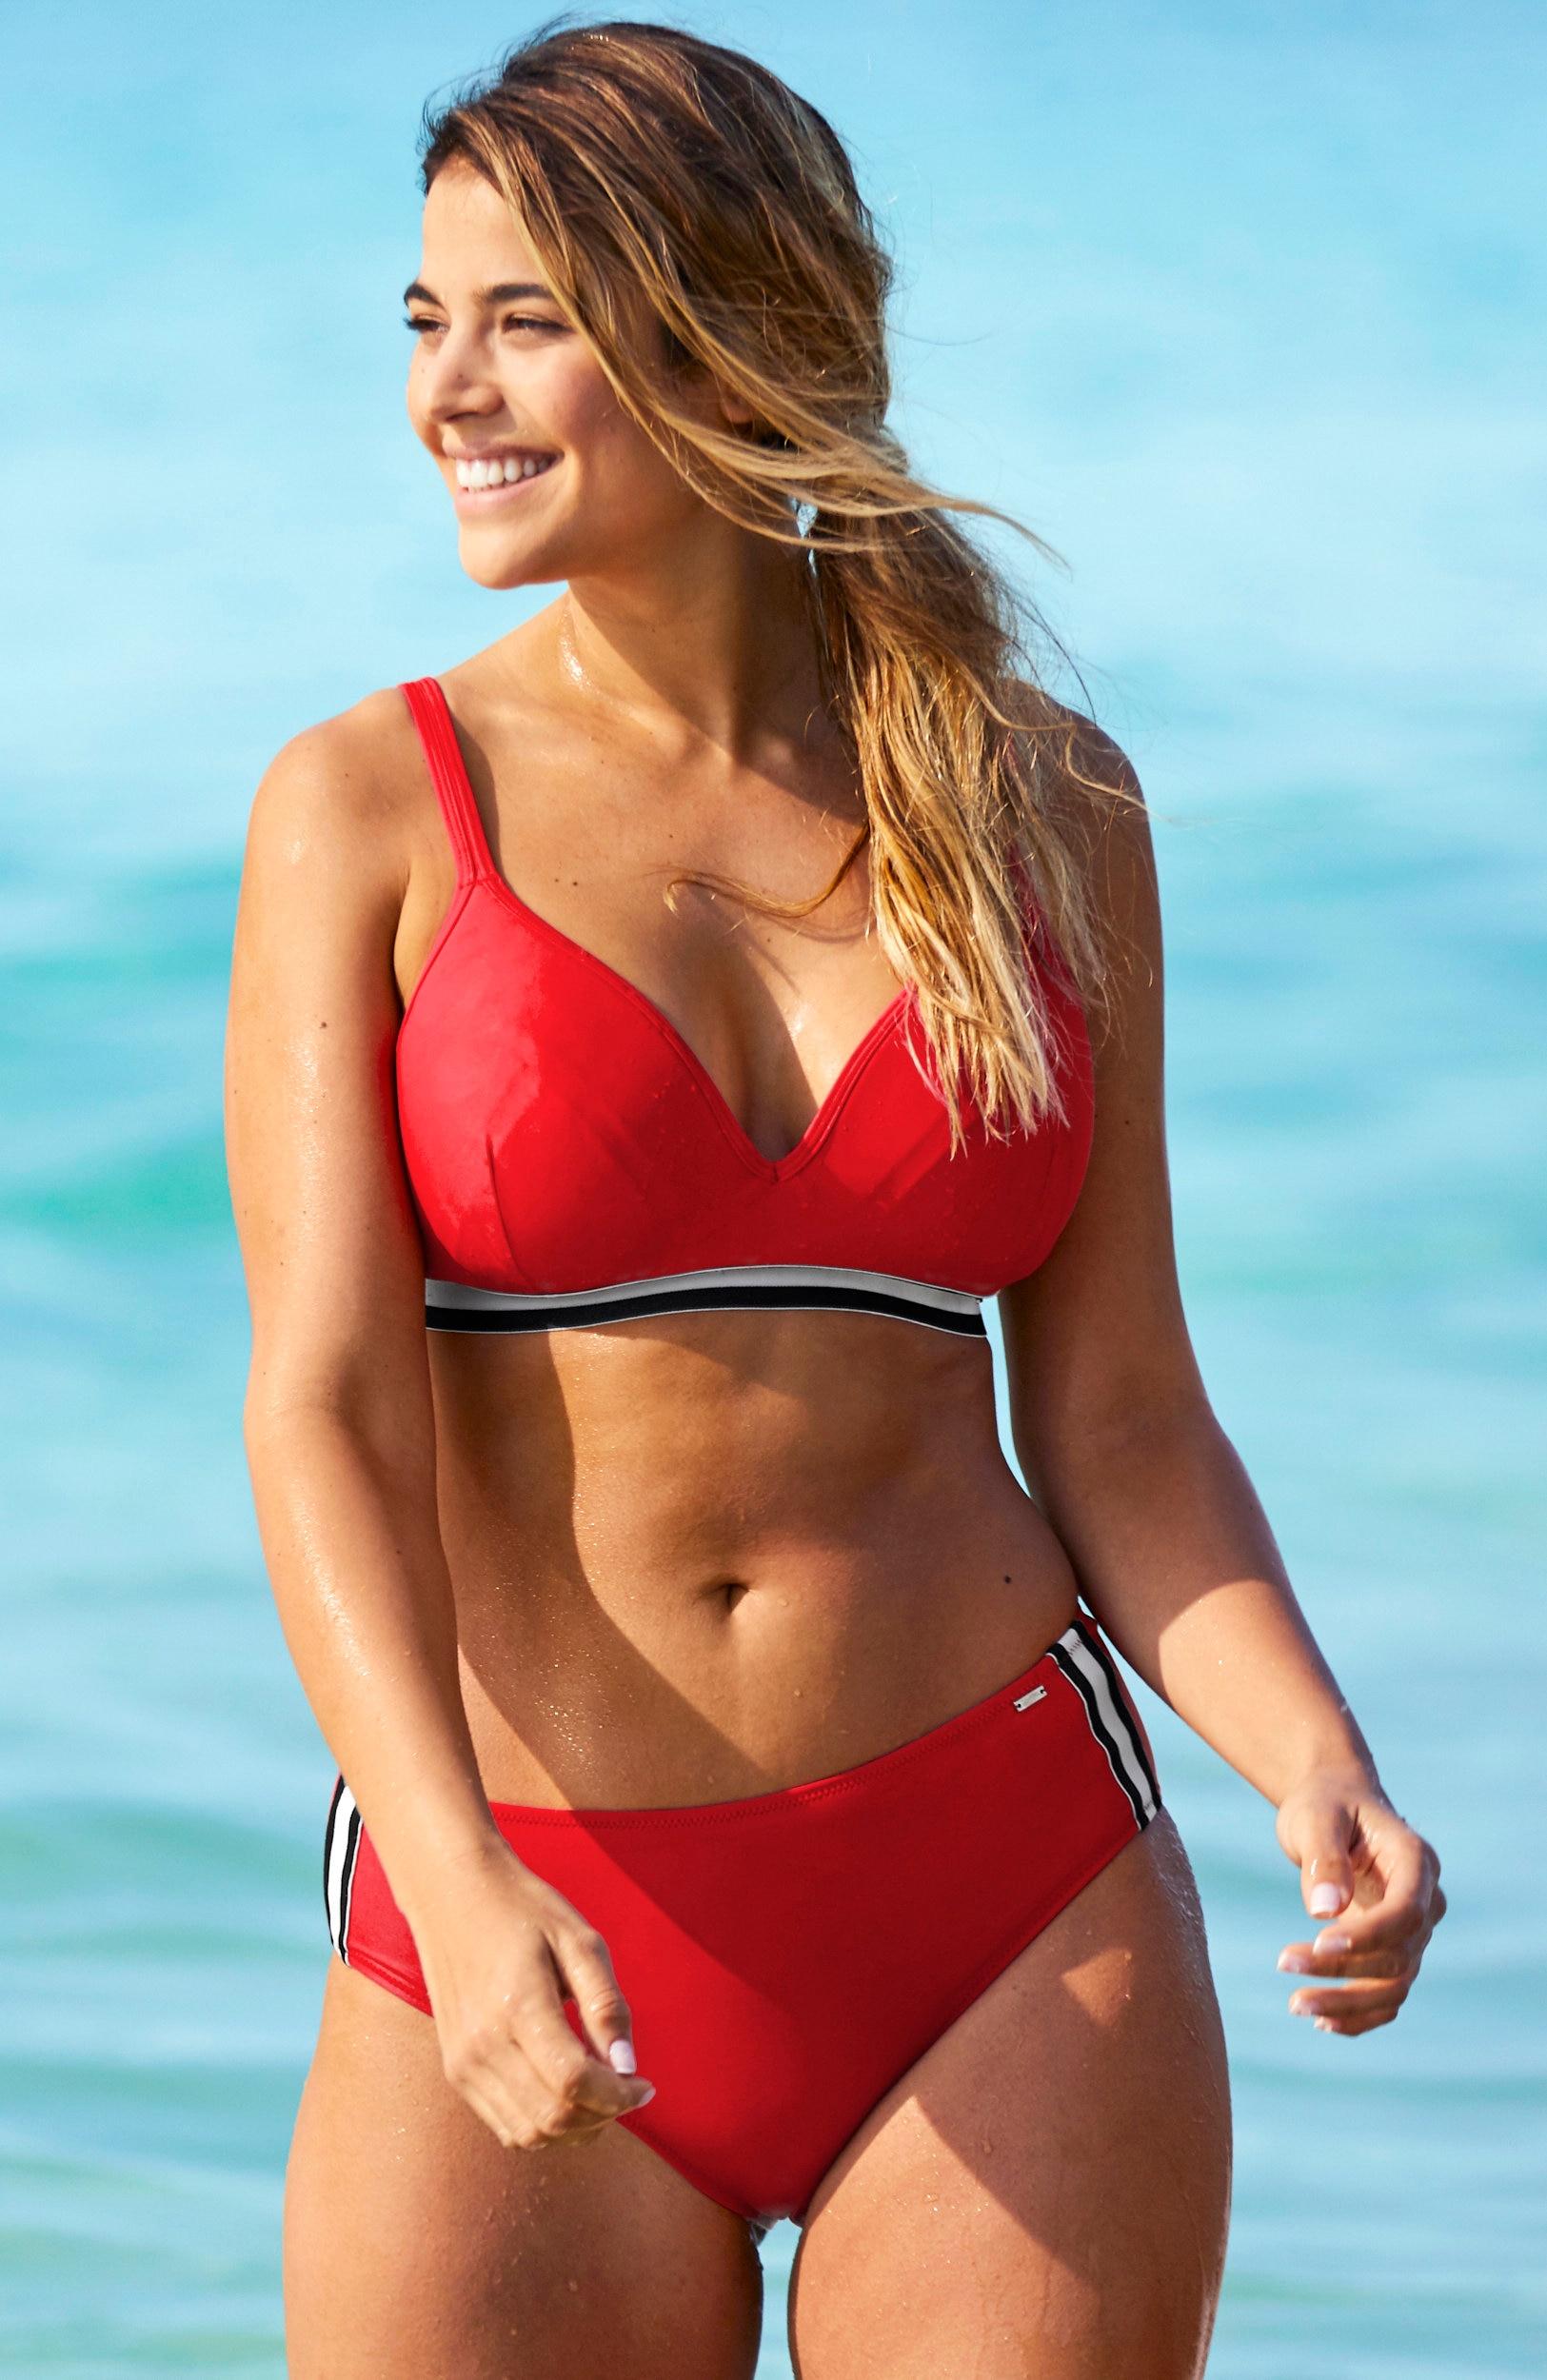 Majtki od bikini ze stanem standardowej wysokości